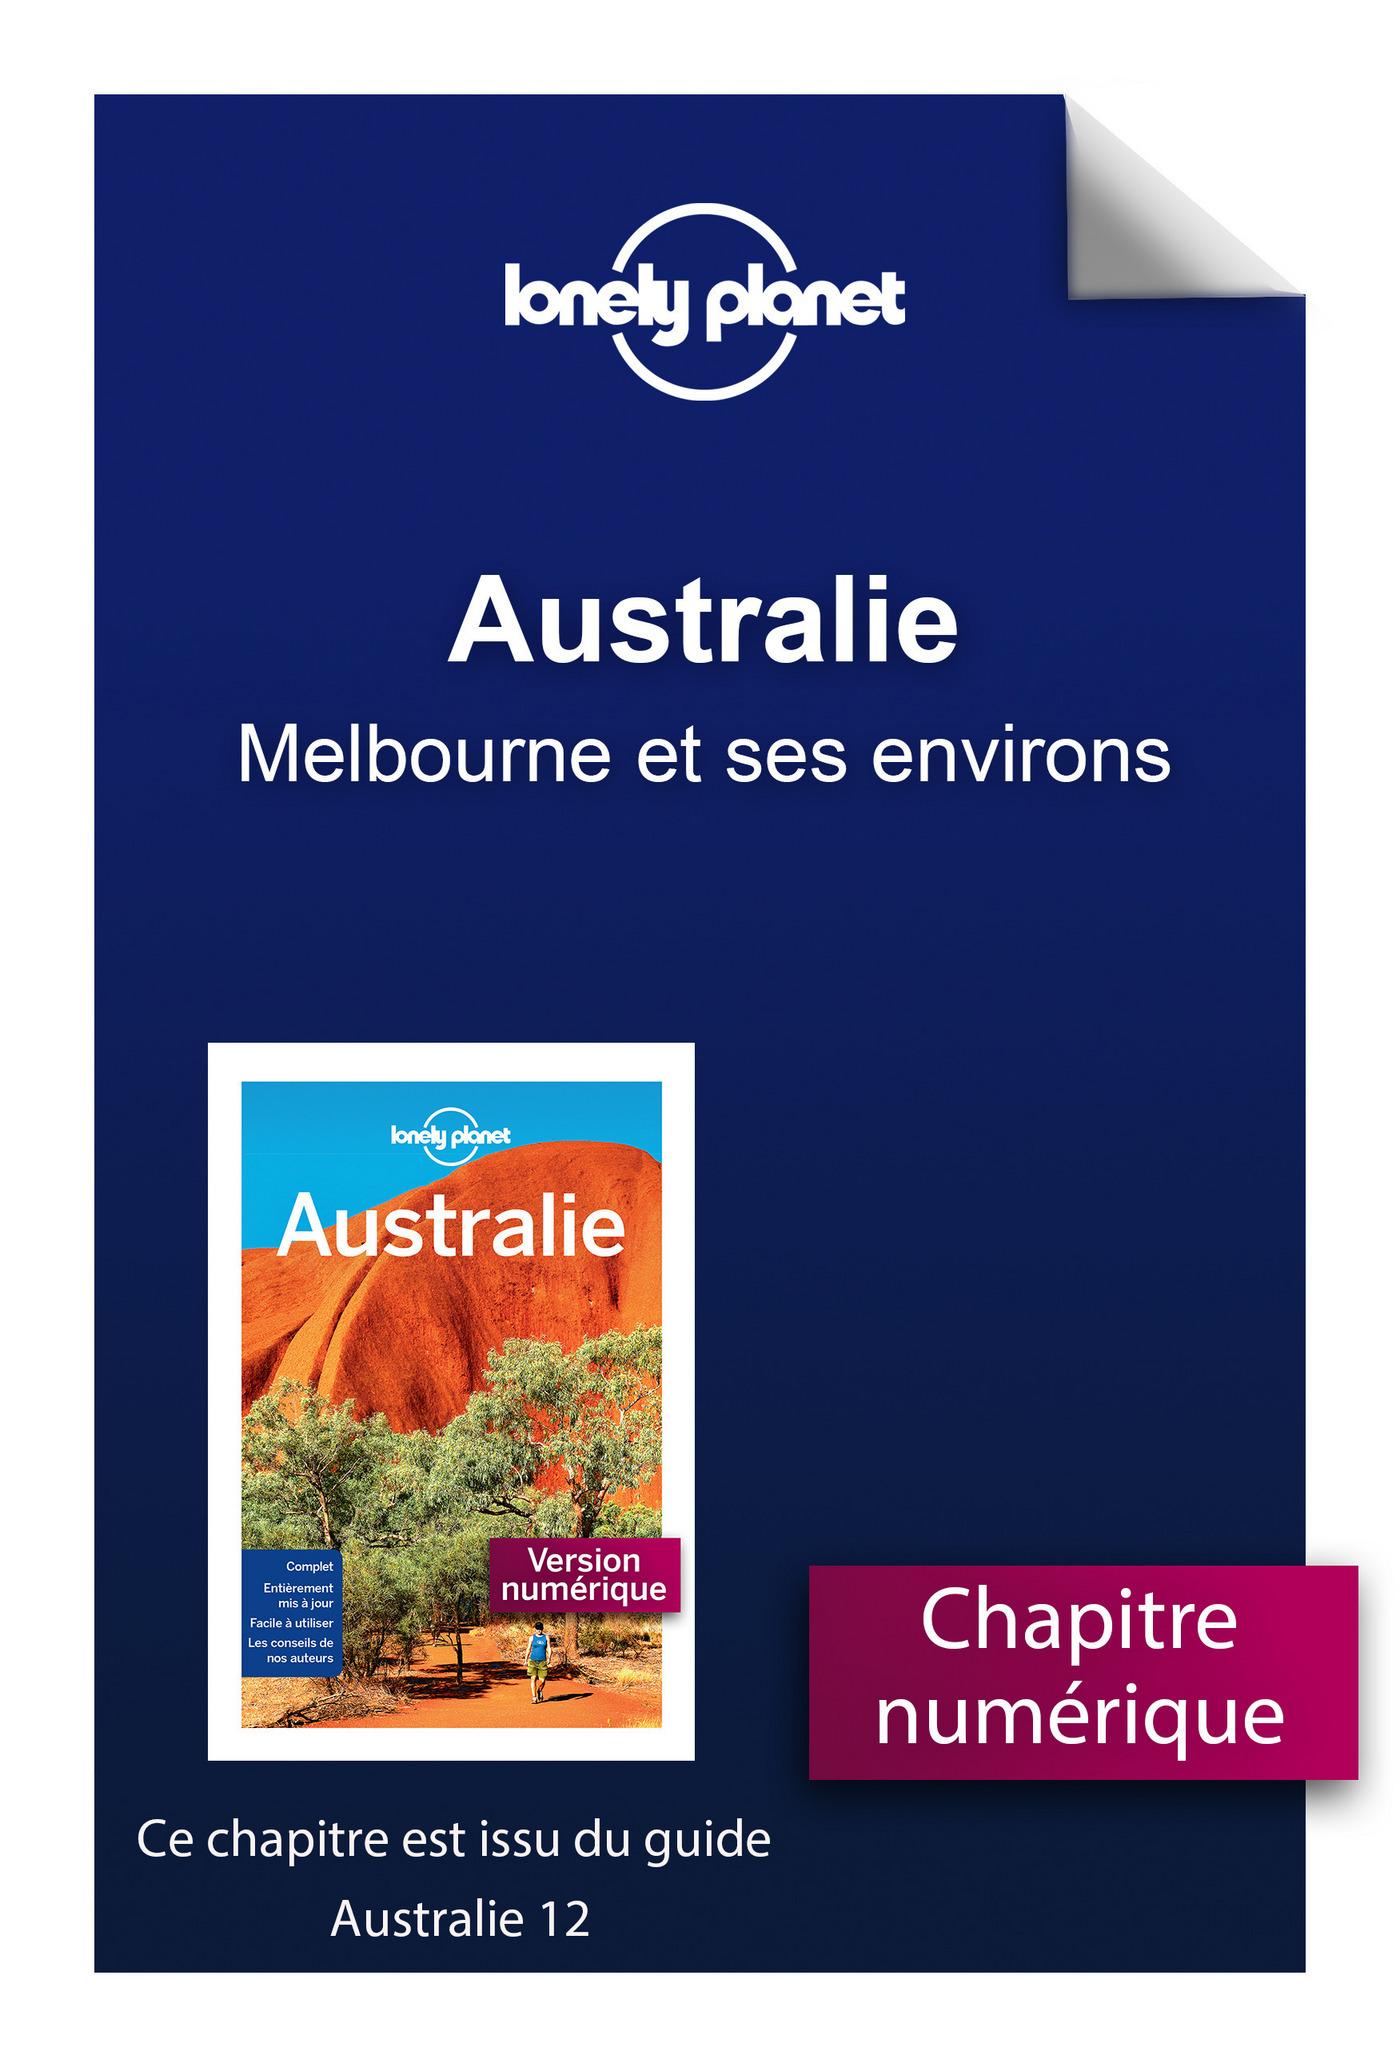 Australie - Melbourne et ses environs